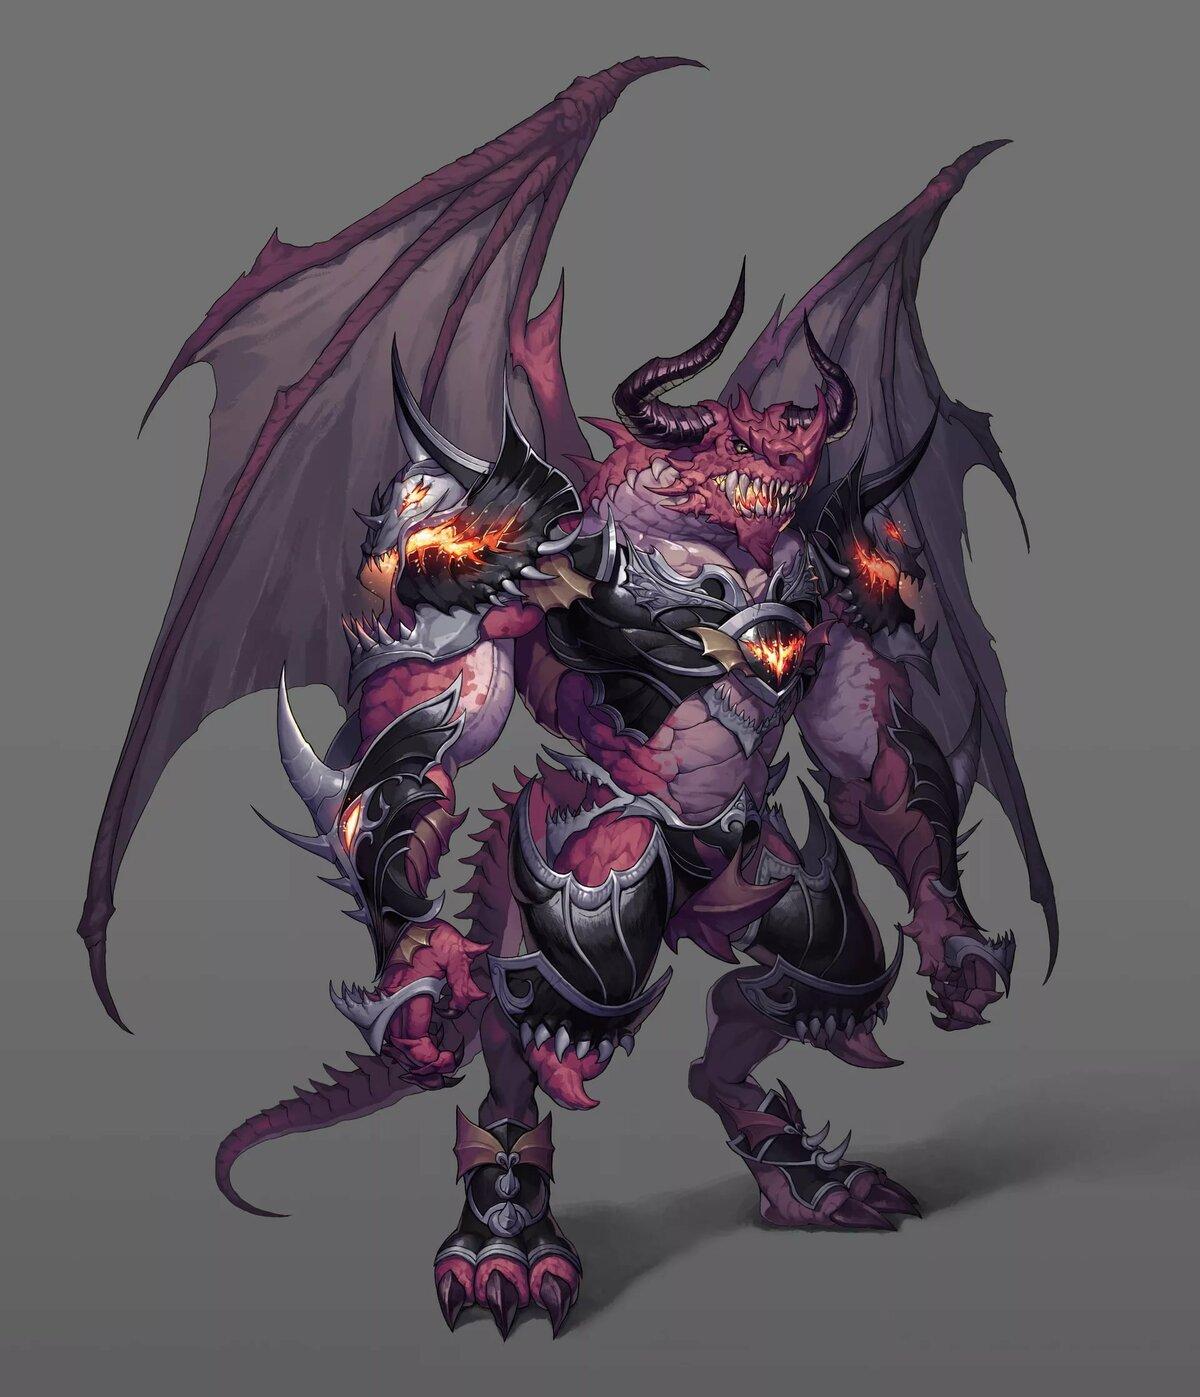 демонические драконы картинки еще ограниченная серия